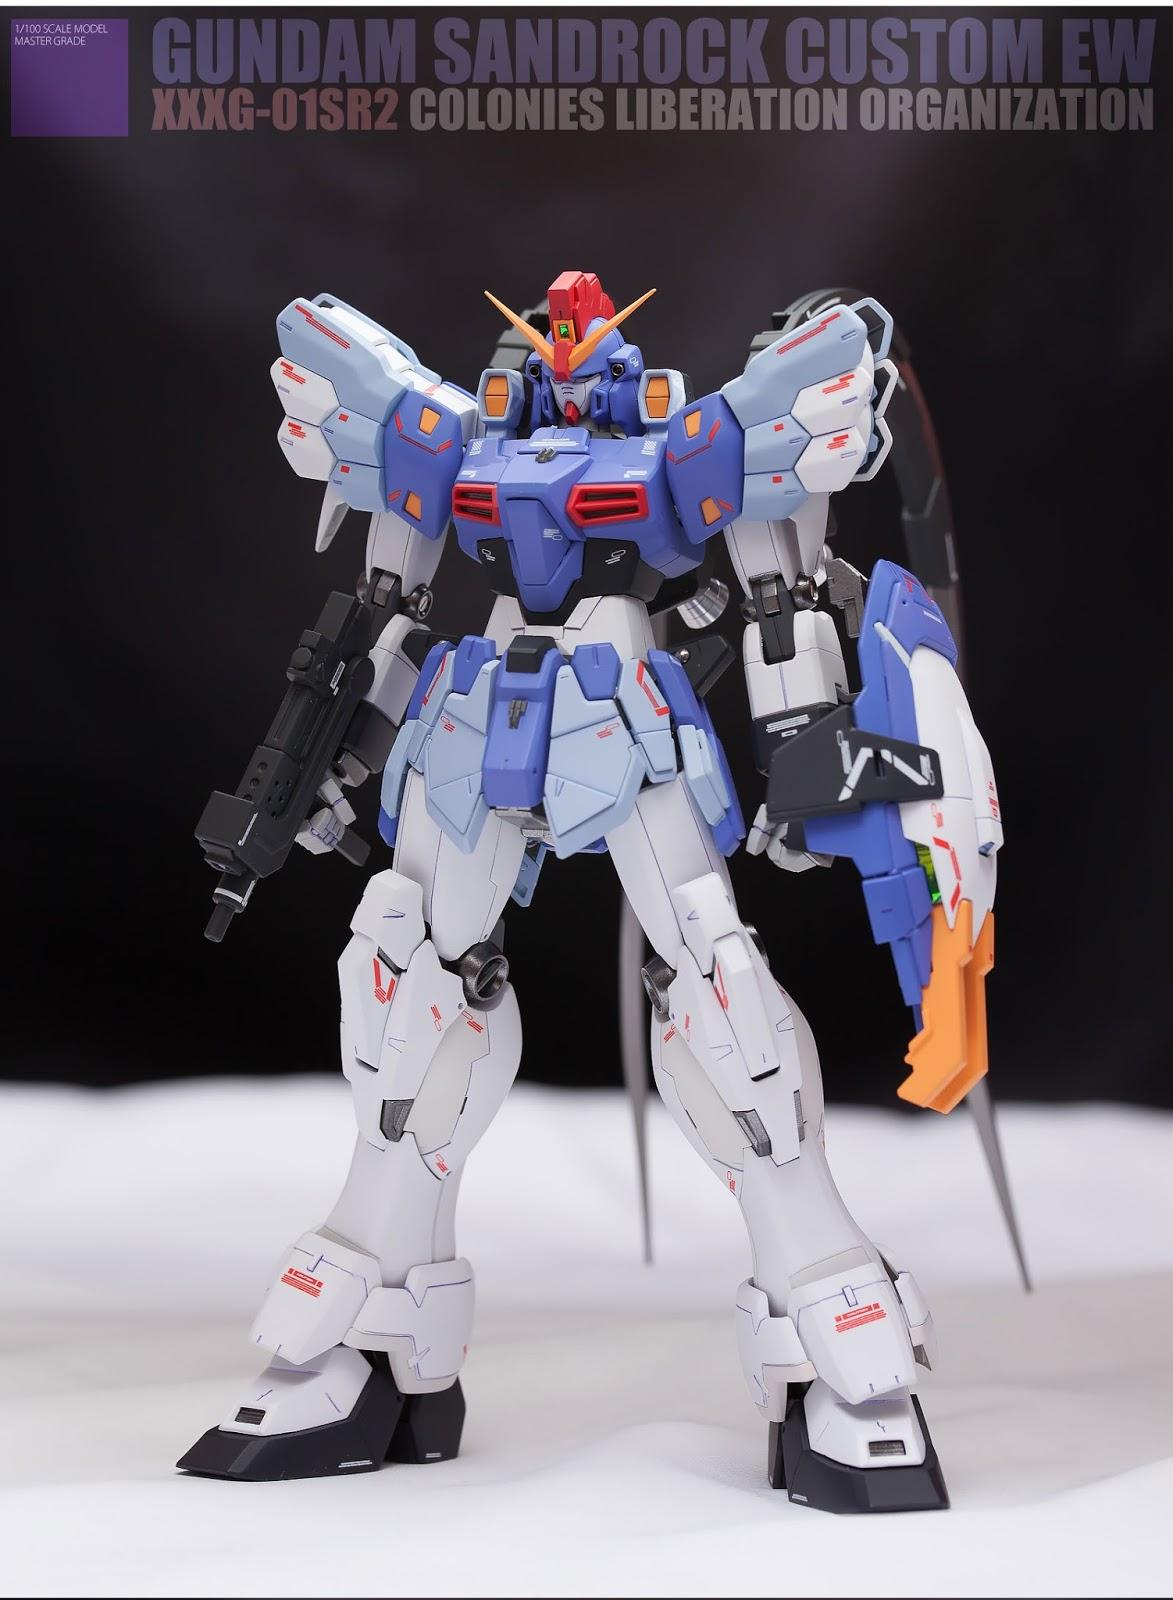 Custom Build: MG 1/100 Gundam Sandrock Custom EW ver. + Anti-Beam Cloak